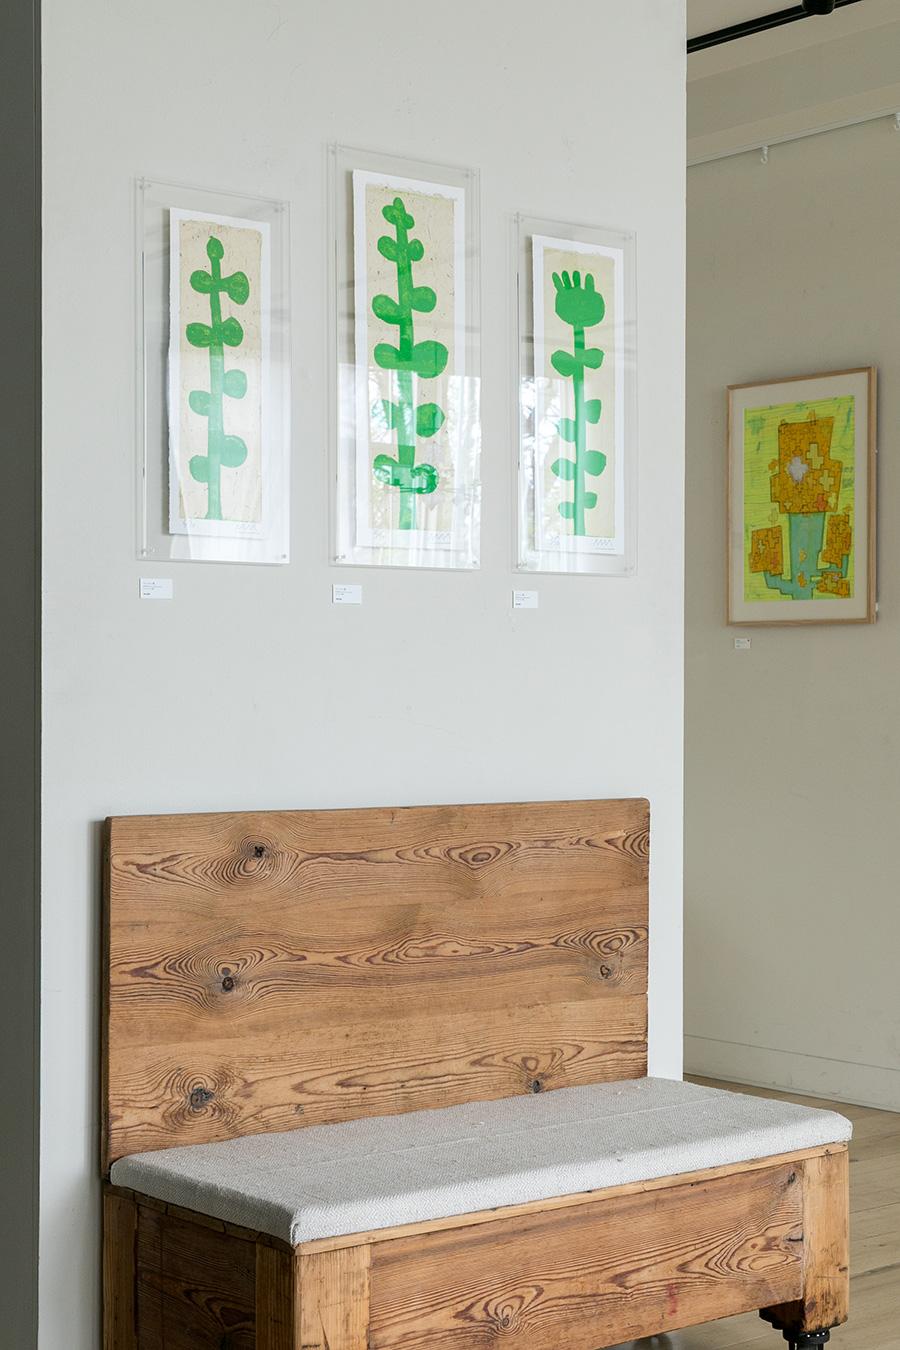 「松林誠 個展」で展示されていた『ペンペン草』。下のラインで揃えることで、植物の自然な生育の様子を表現。